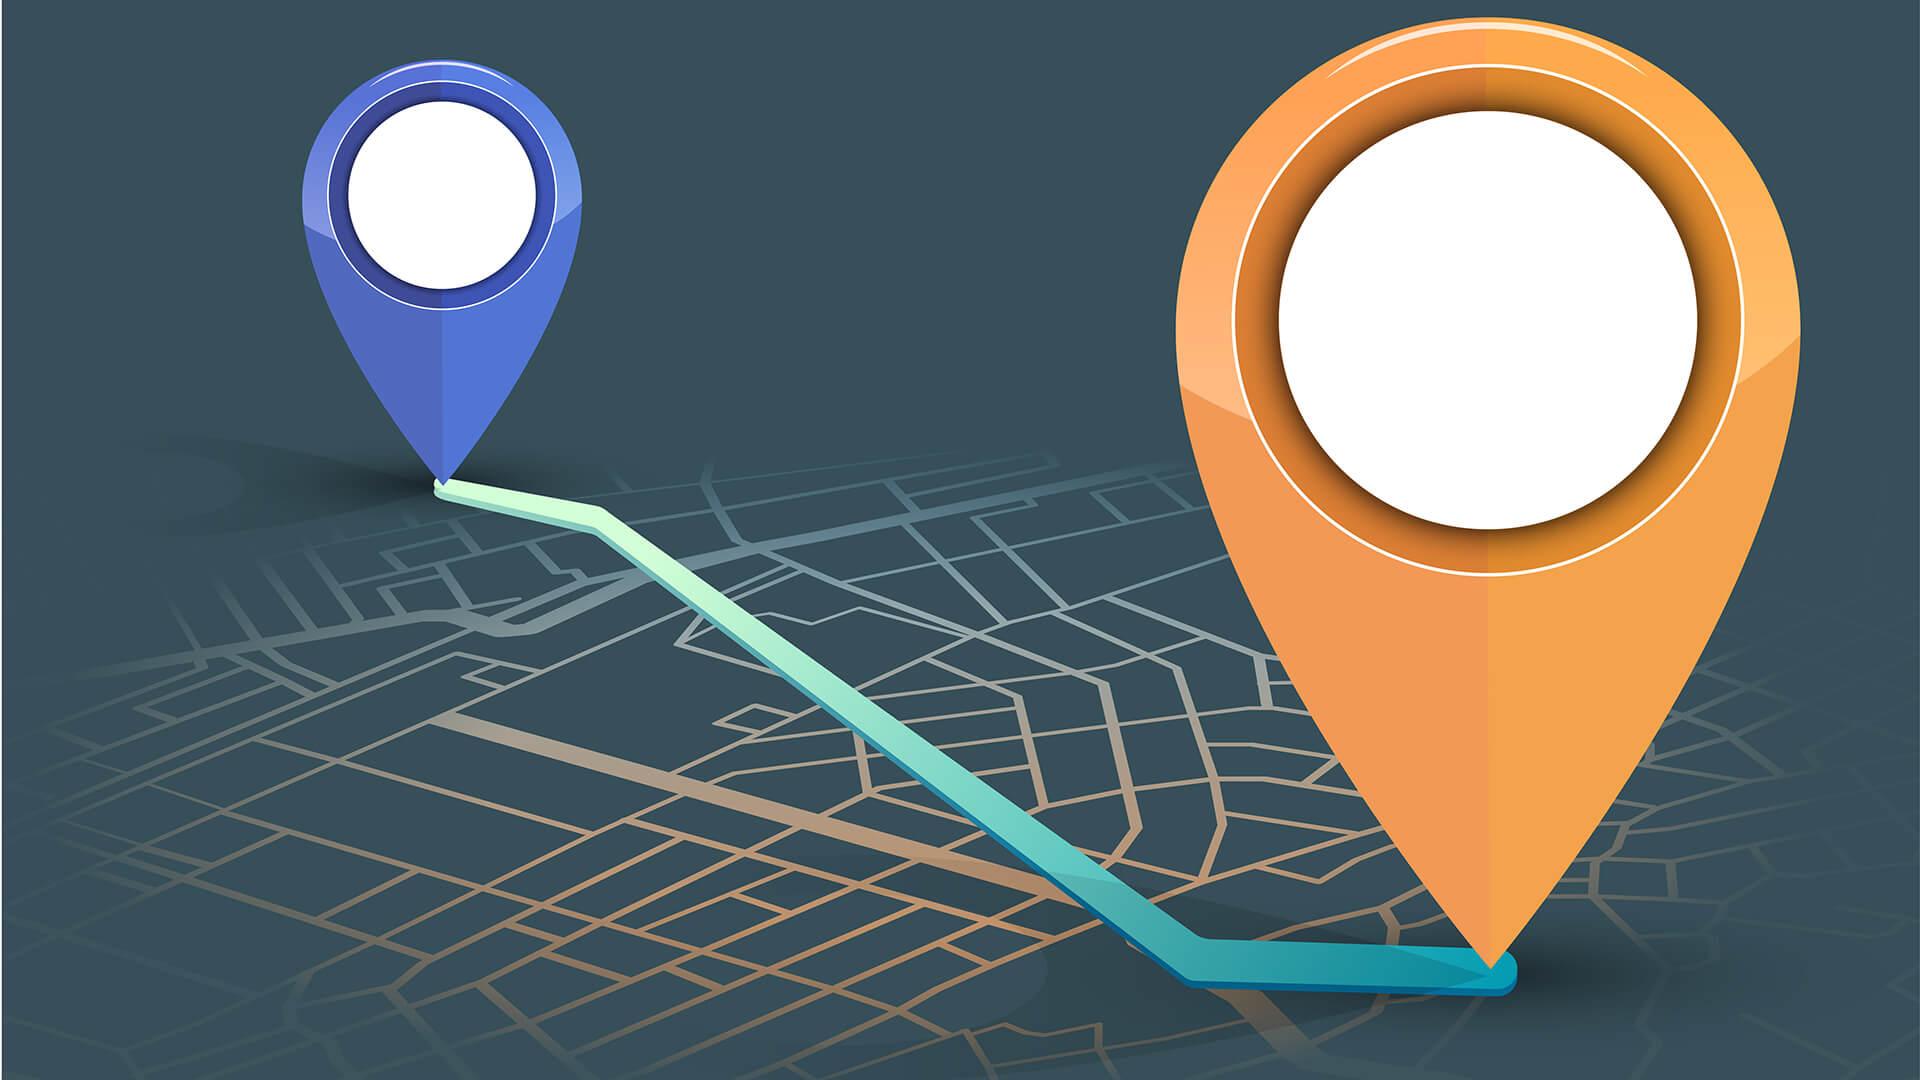 Recién publicado: resultados de la encuesta de factores de clasificación de búsqueda local de 2017